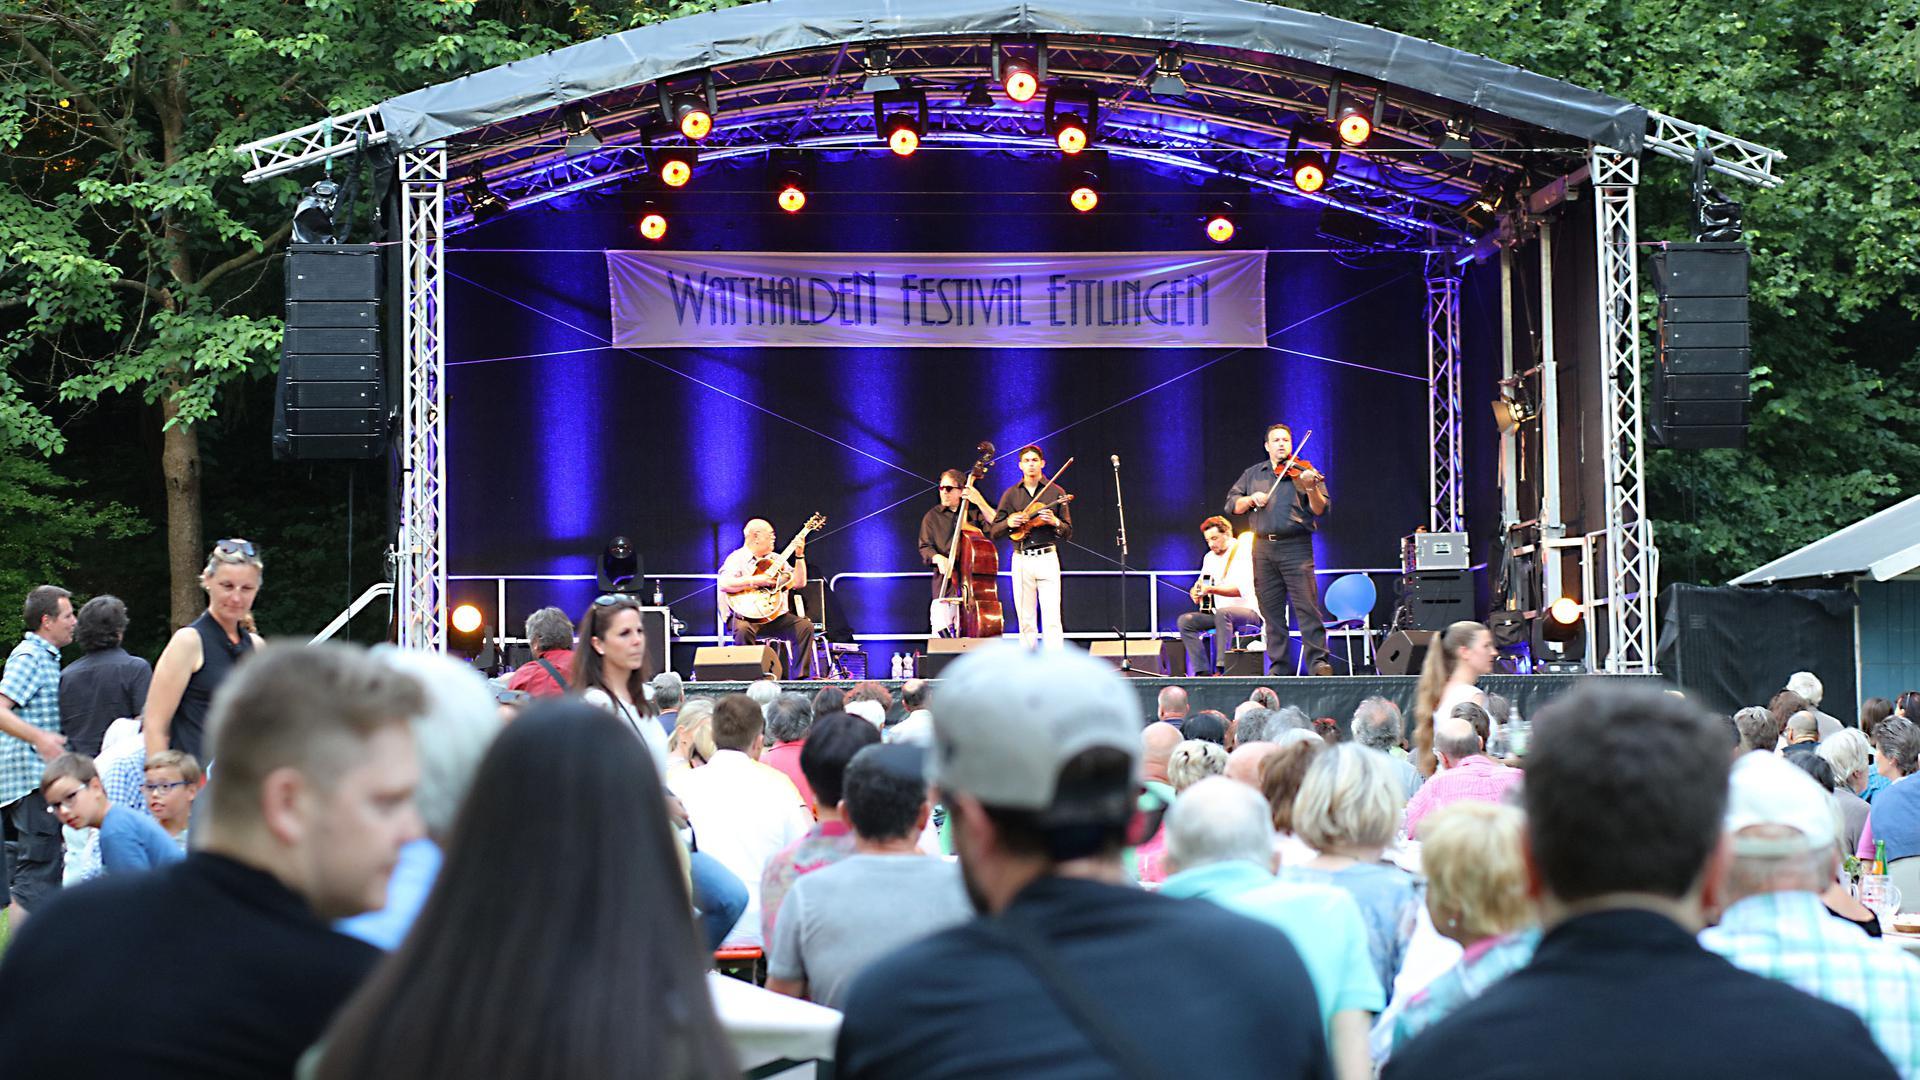 Watthaldenfestival Ettlingen 2017